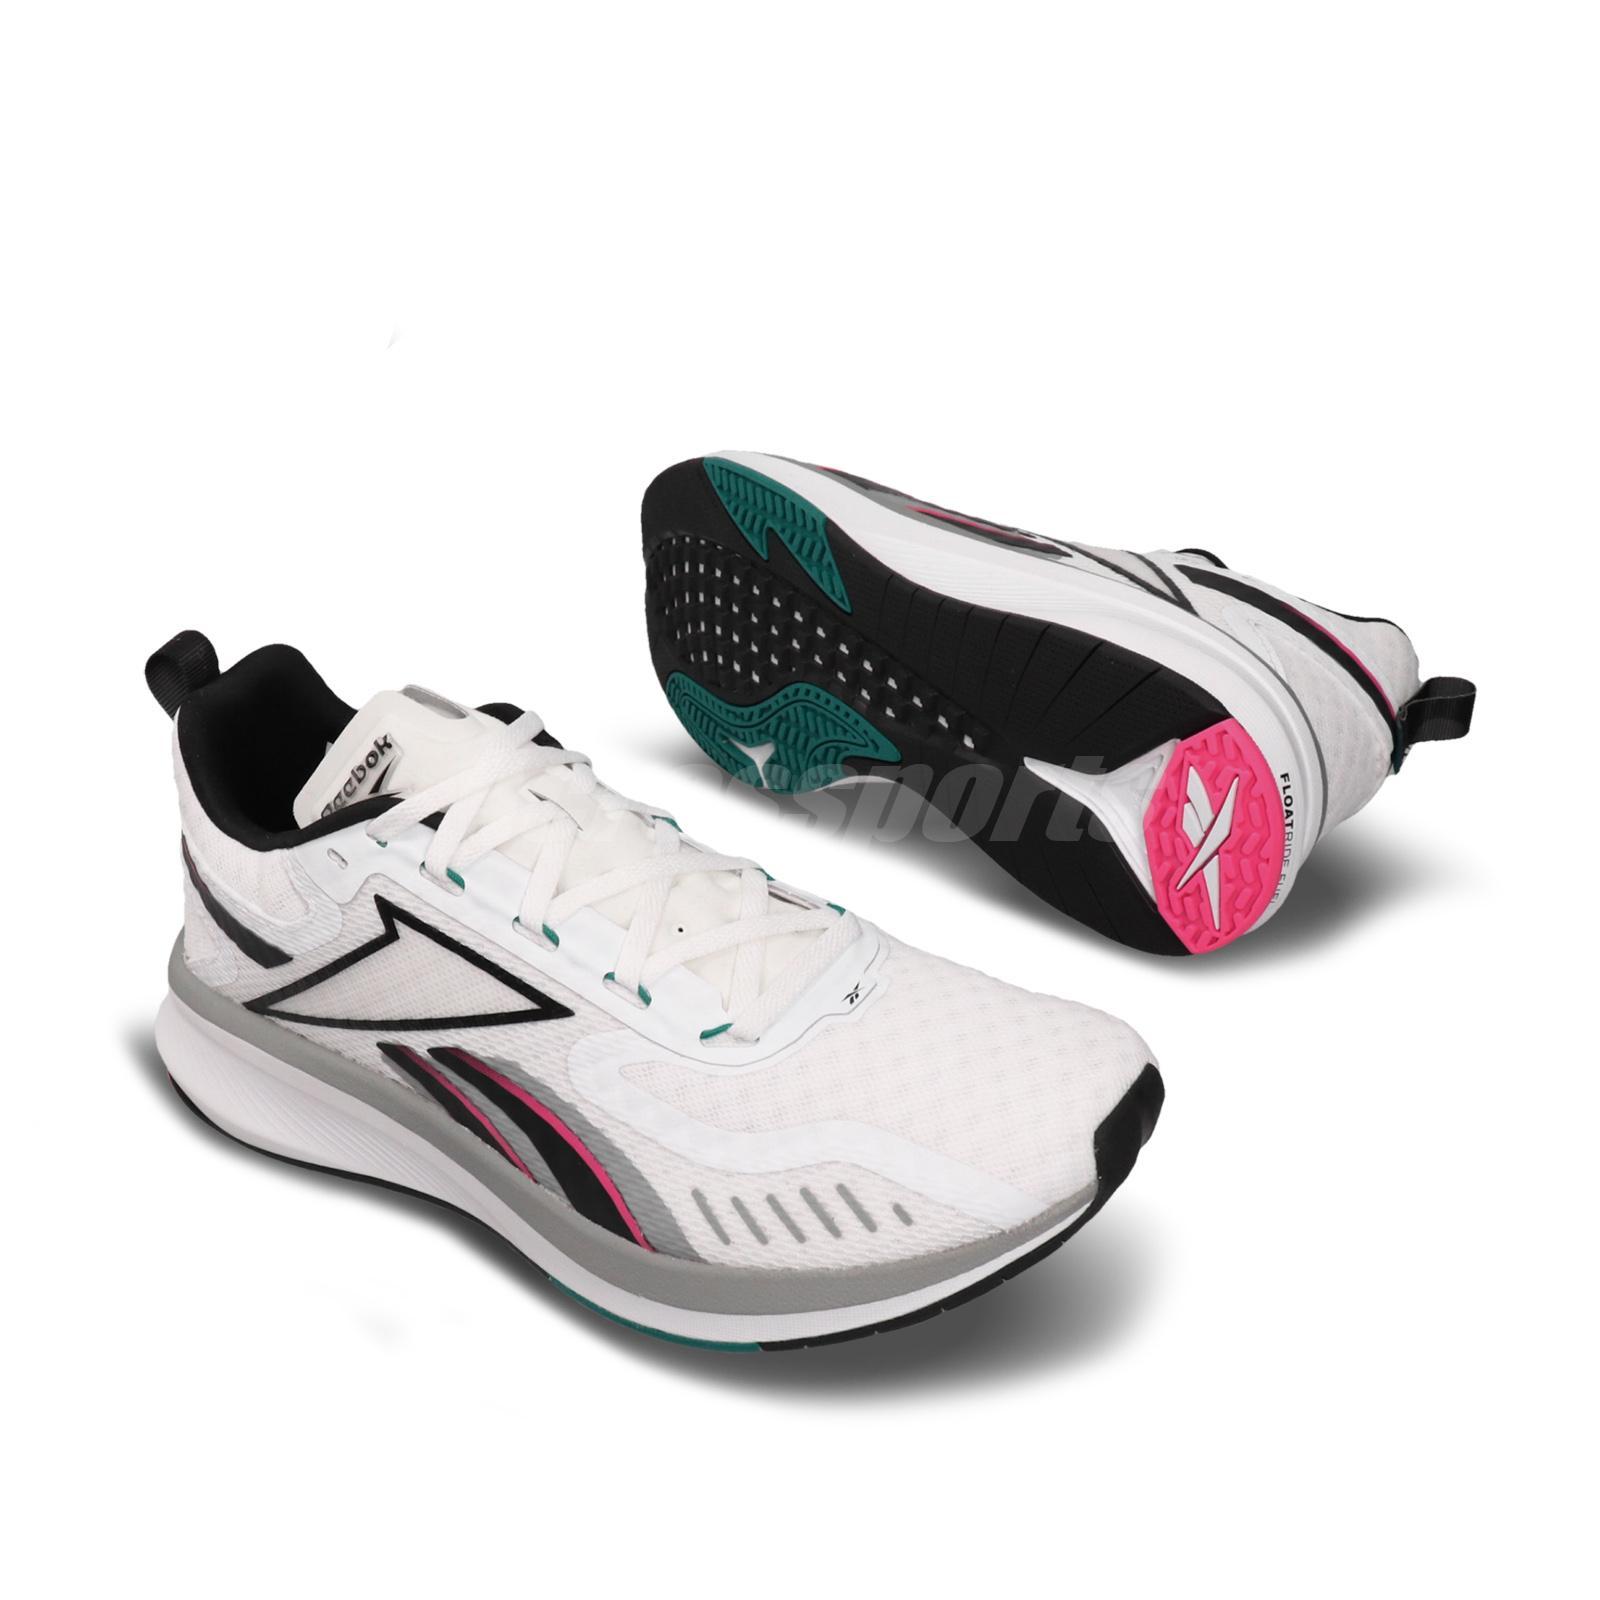 锐步rbk Fusium 运行20 白色黑色粉红色灰色男式跑步鞋运动鞋eg9922 Ebay